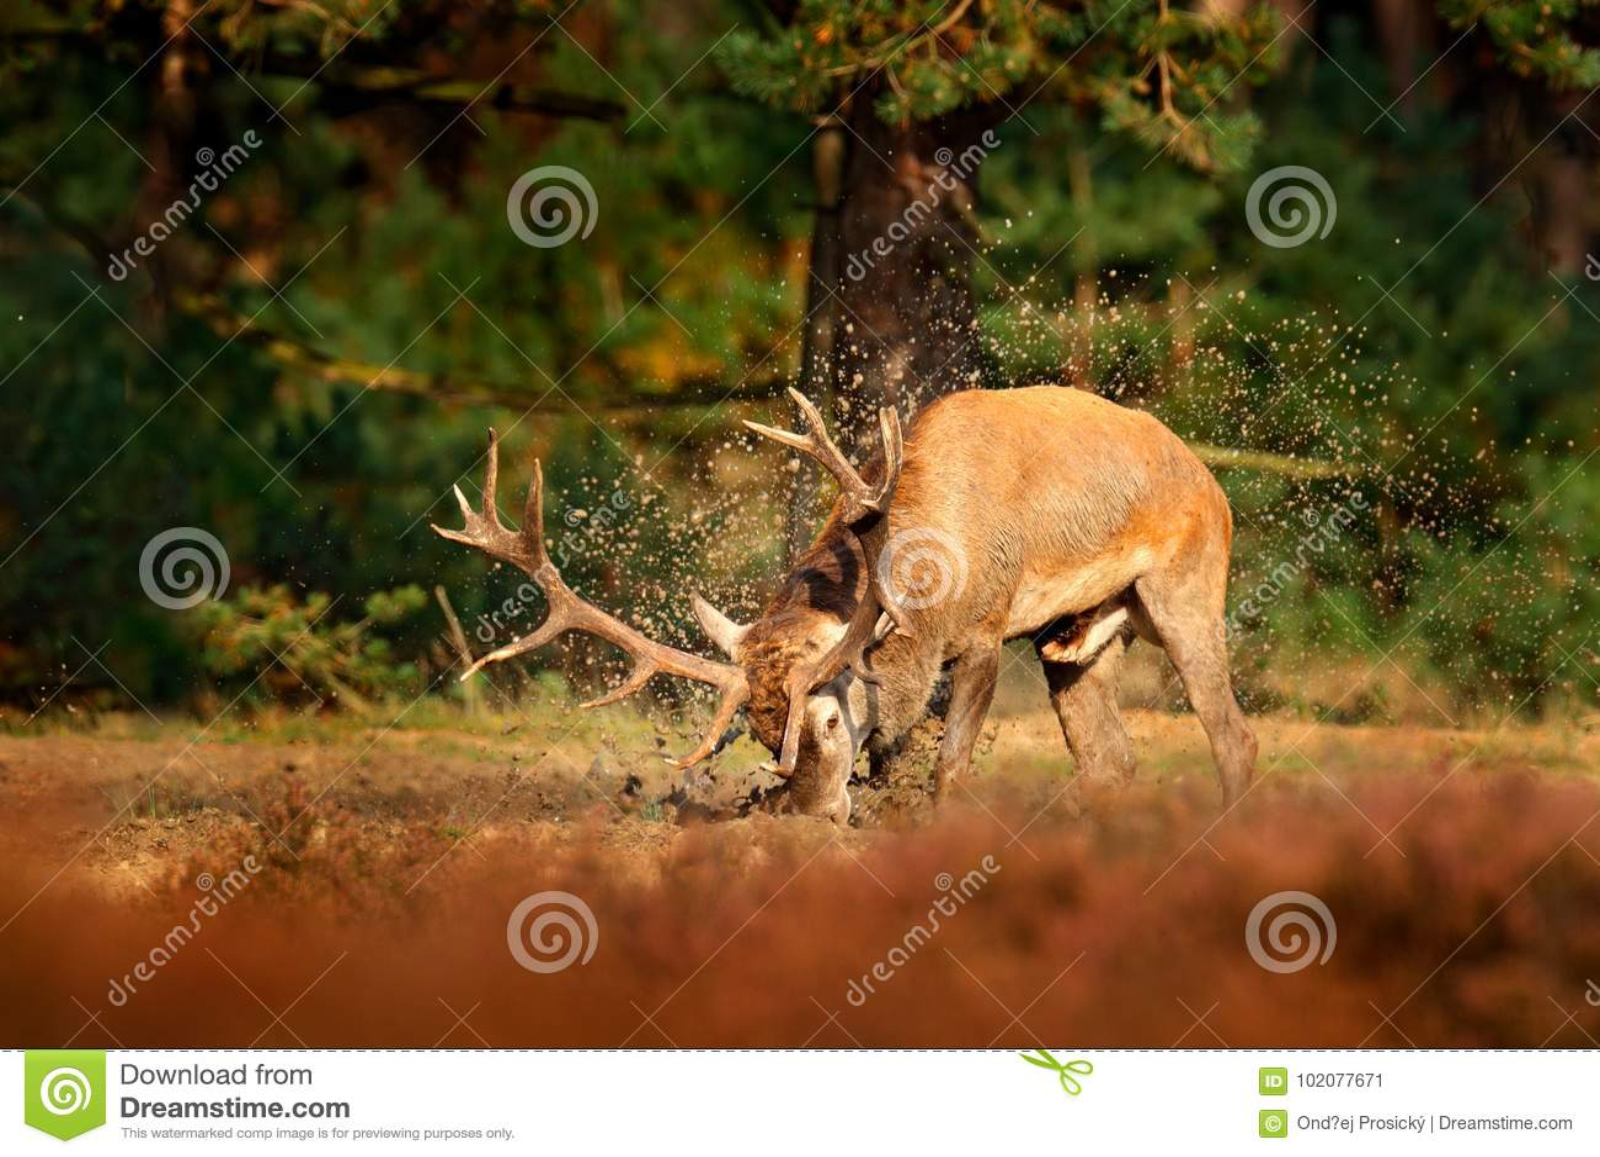 Rode herten, bronst, het water van de modderklei - bad Hertenmannetje, blaasbalg majestueus krachtig volwassen dierlijk buiten ho